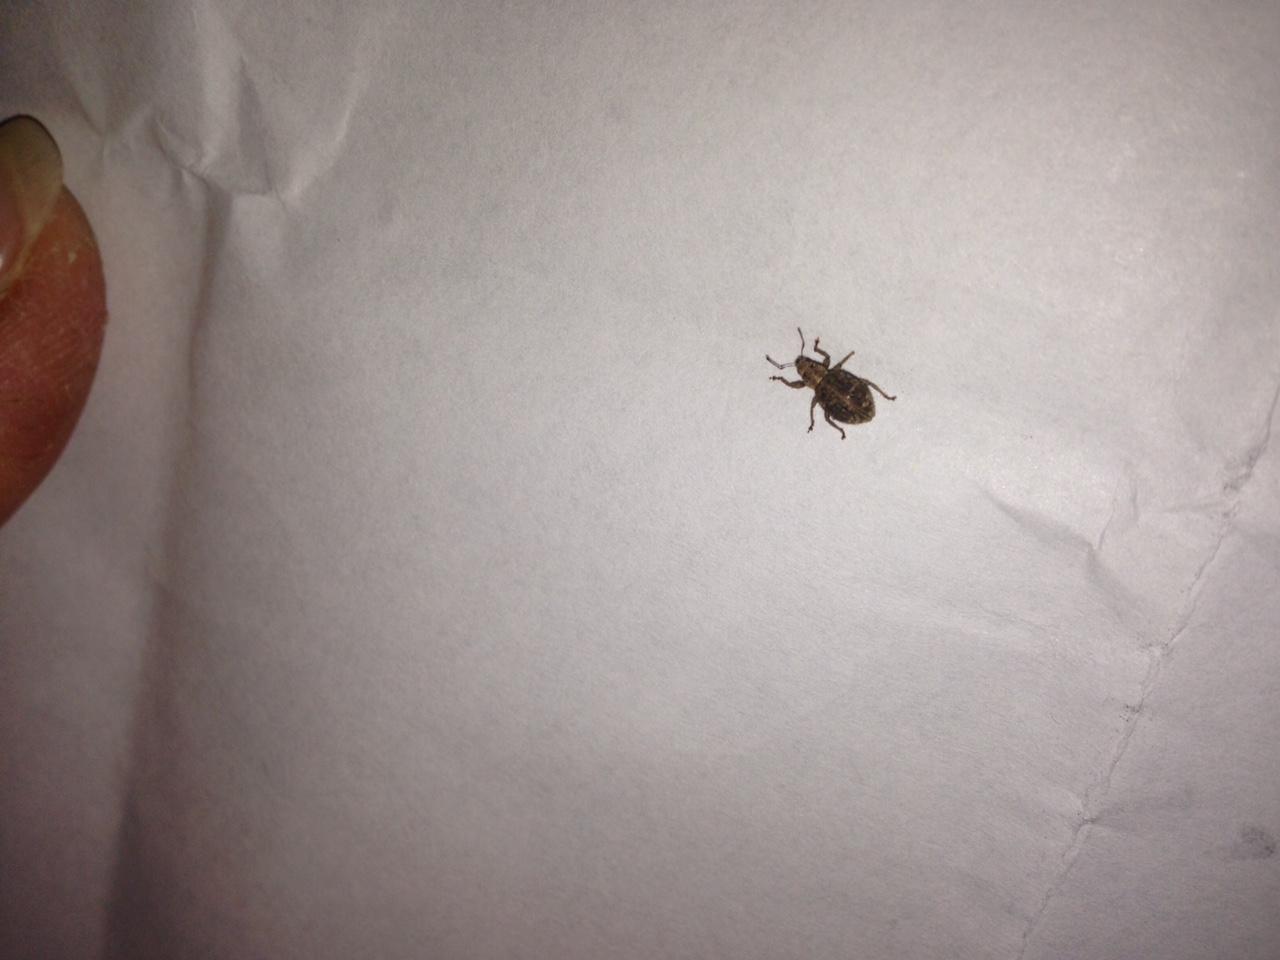 welches insekt ist im foto zu sehen deutschland insekten k fer. Black Bedroom Furniture Sets. Home Design Ideas